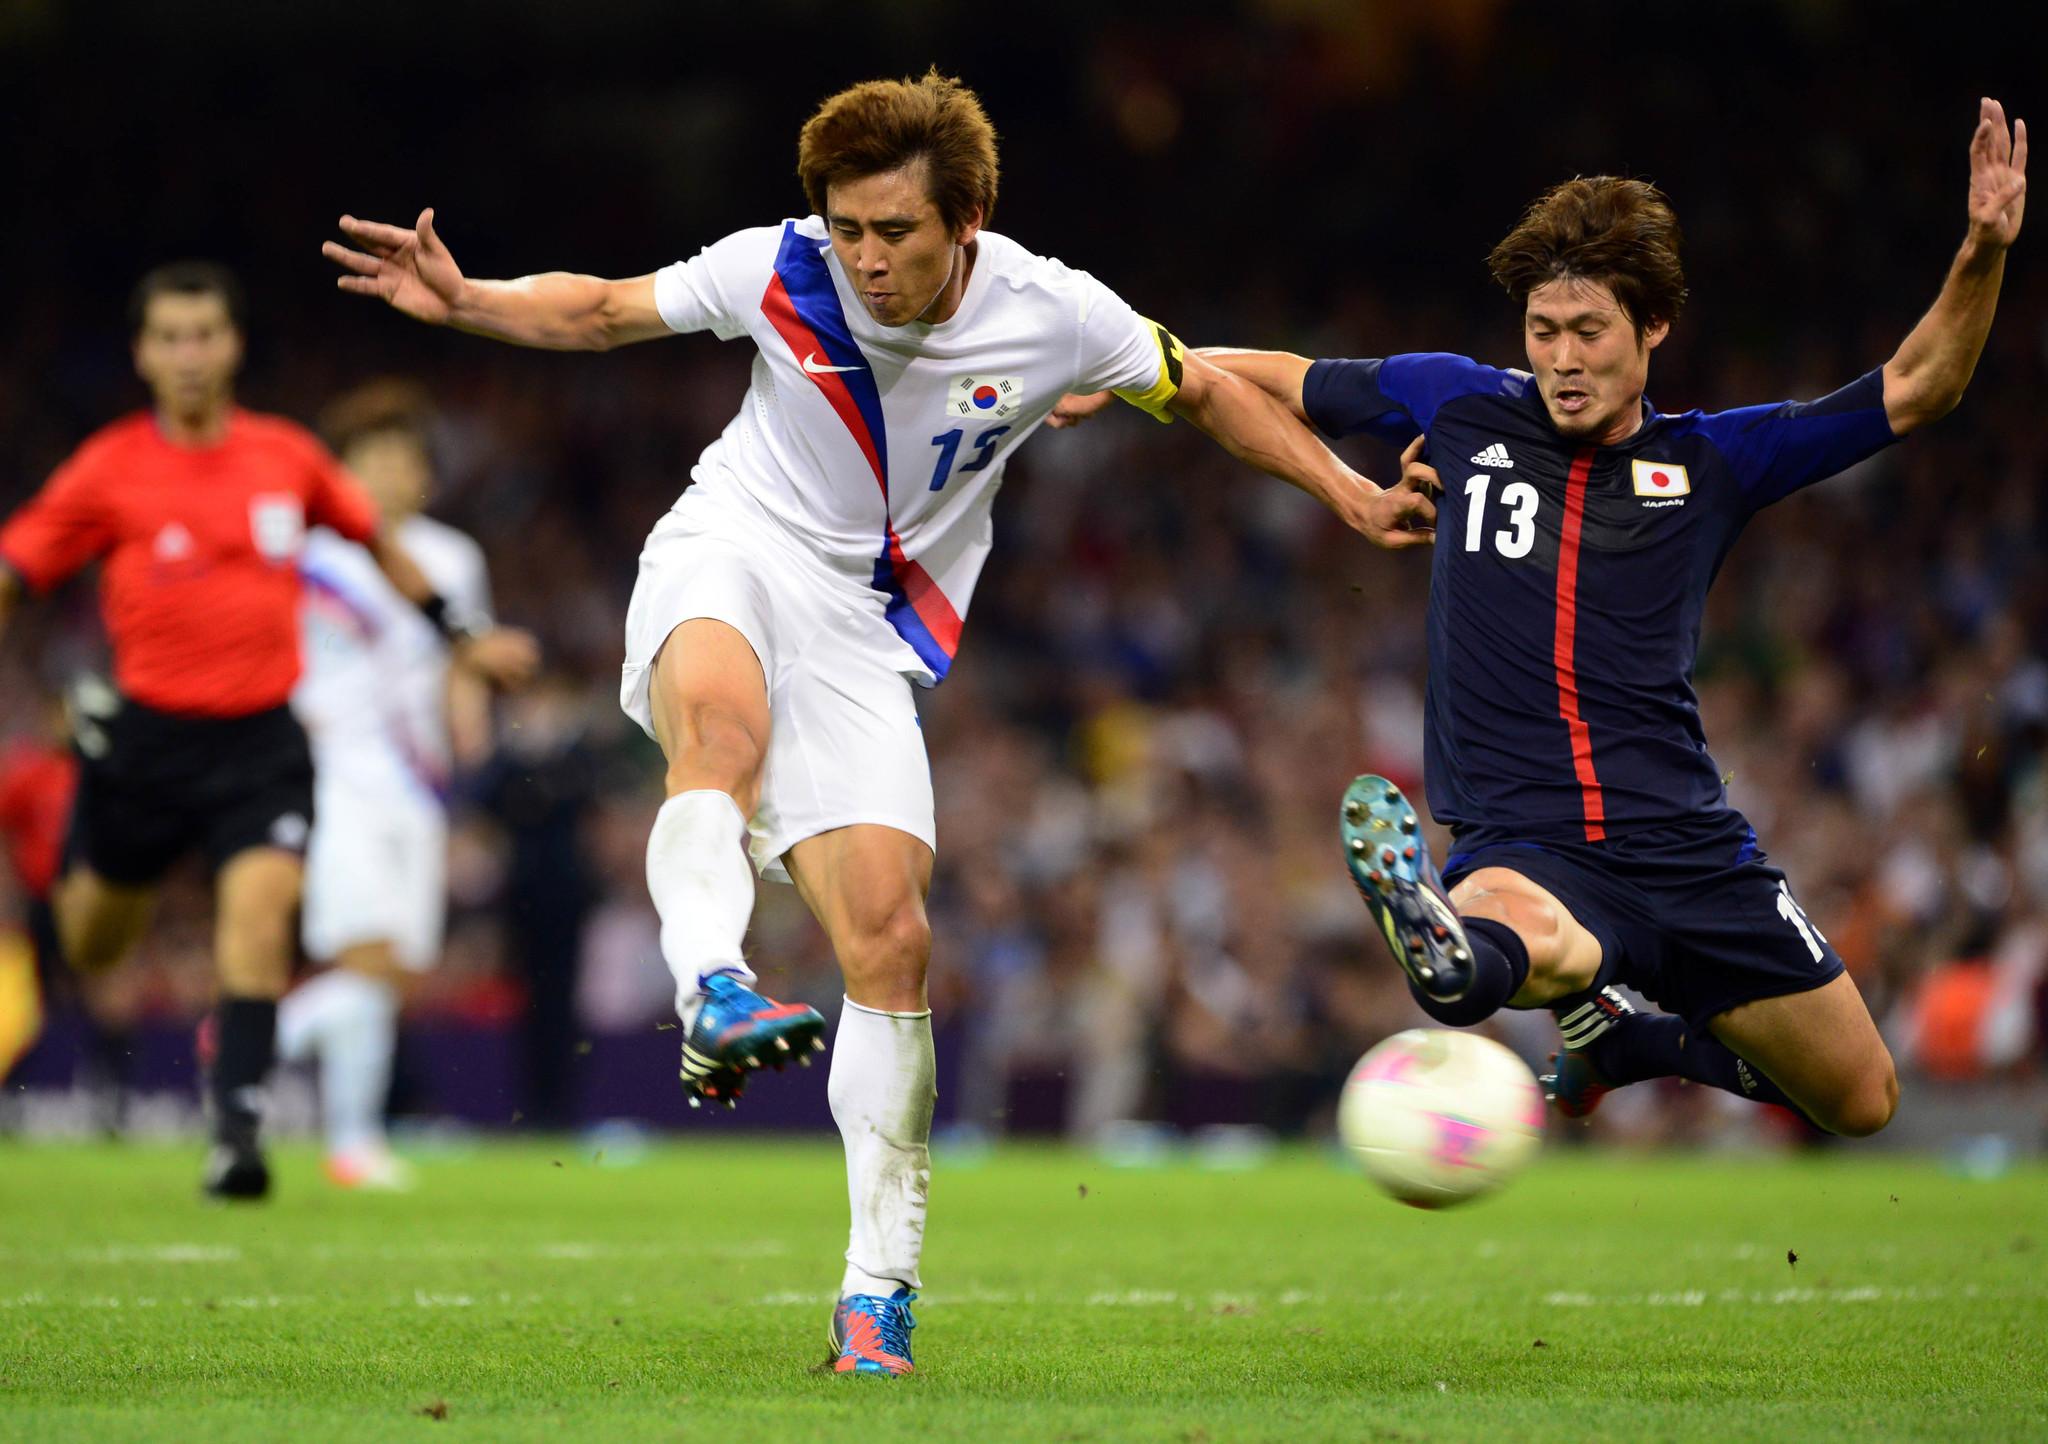 2012년 런던올림픽 일본과 동메달 결정전에서 쐐기골을 터트리는 구자철(왼쪽). [중앙포토]